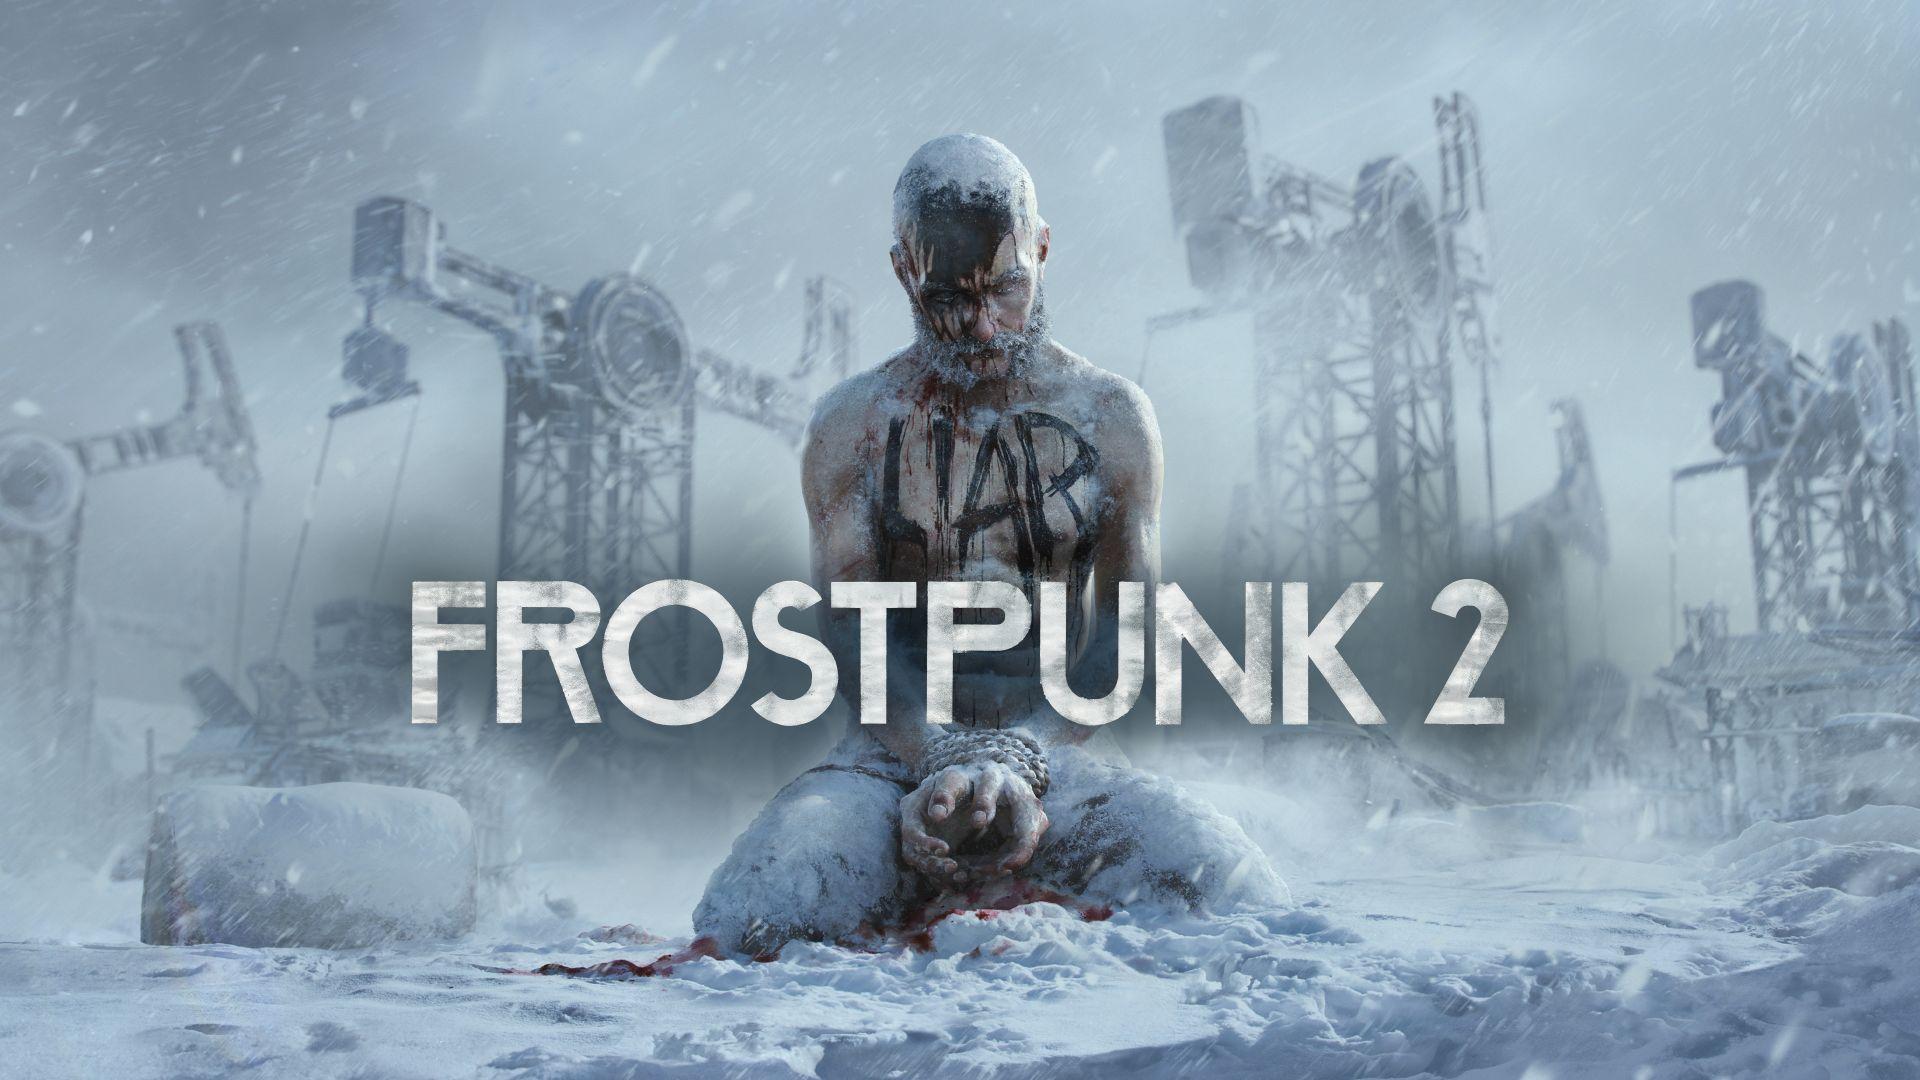 Frostpunk 2 Reveal